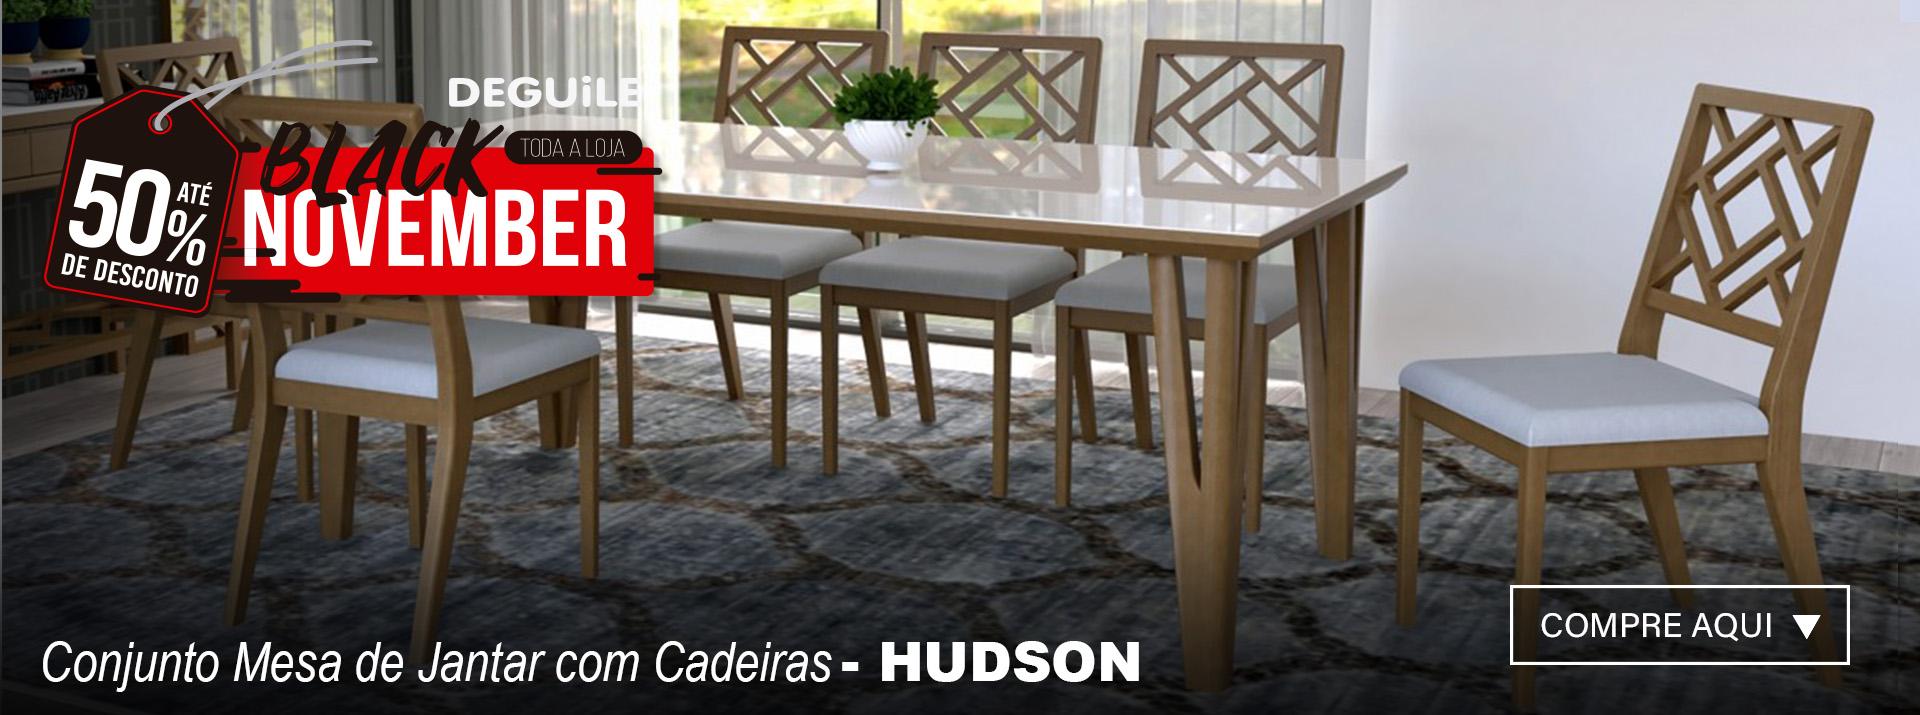 CONJUNTO MESA DE JANTAR COM CADEIRAS - HUDSON